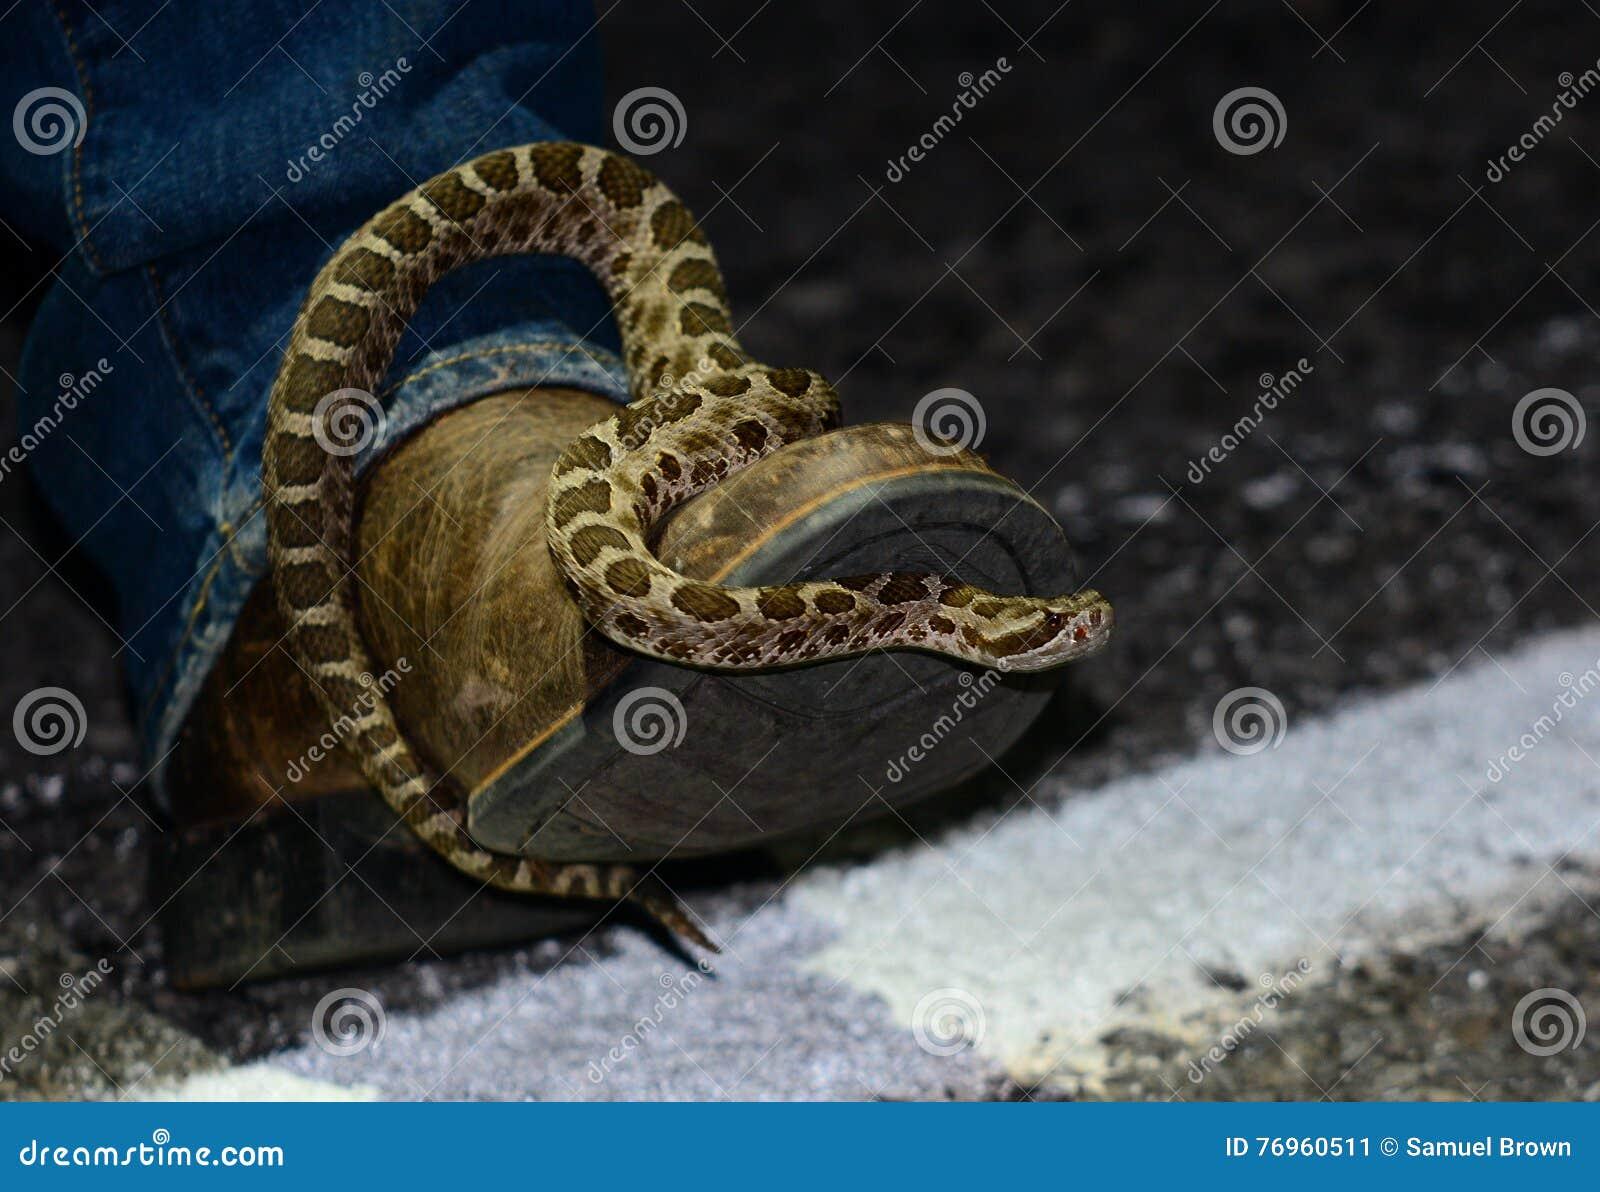 Massasauga ocidental que senta-se em uma bota